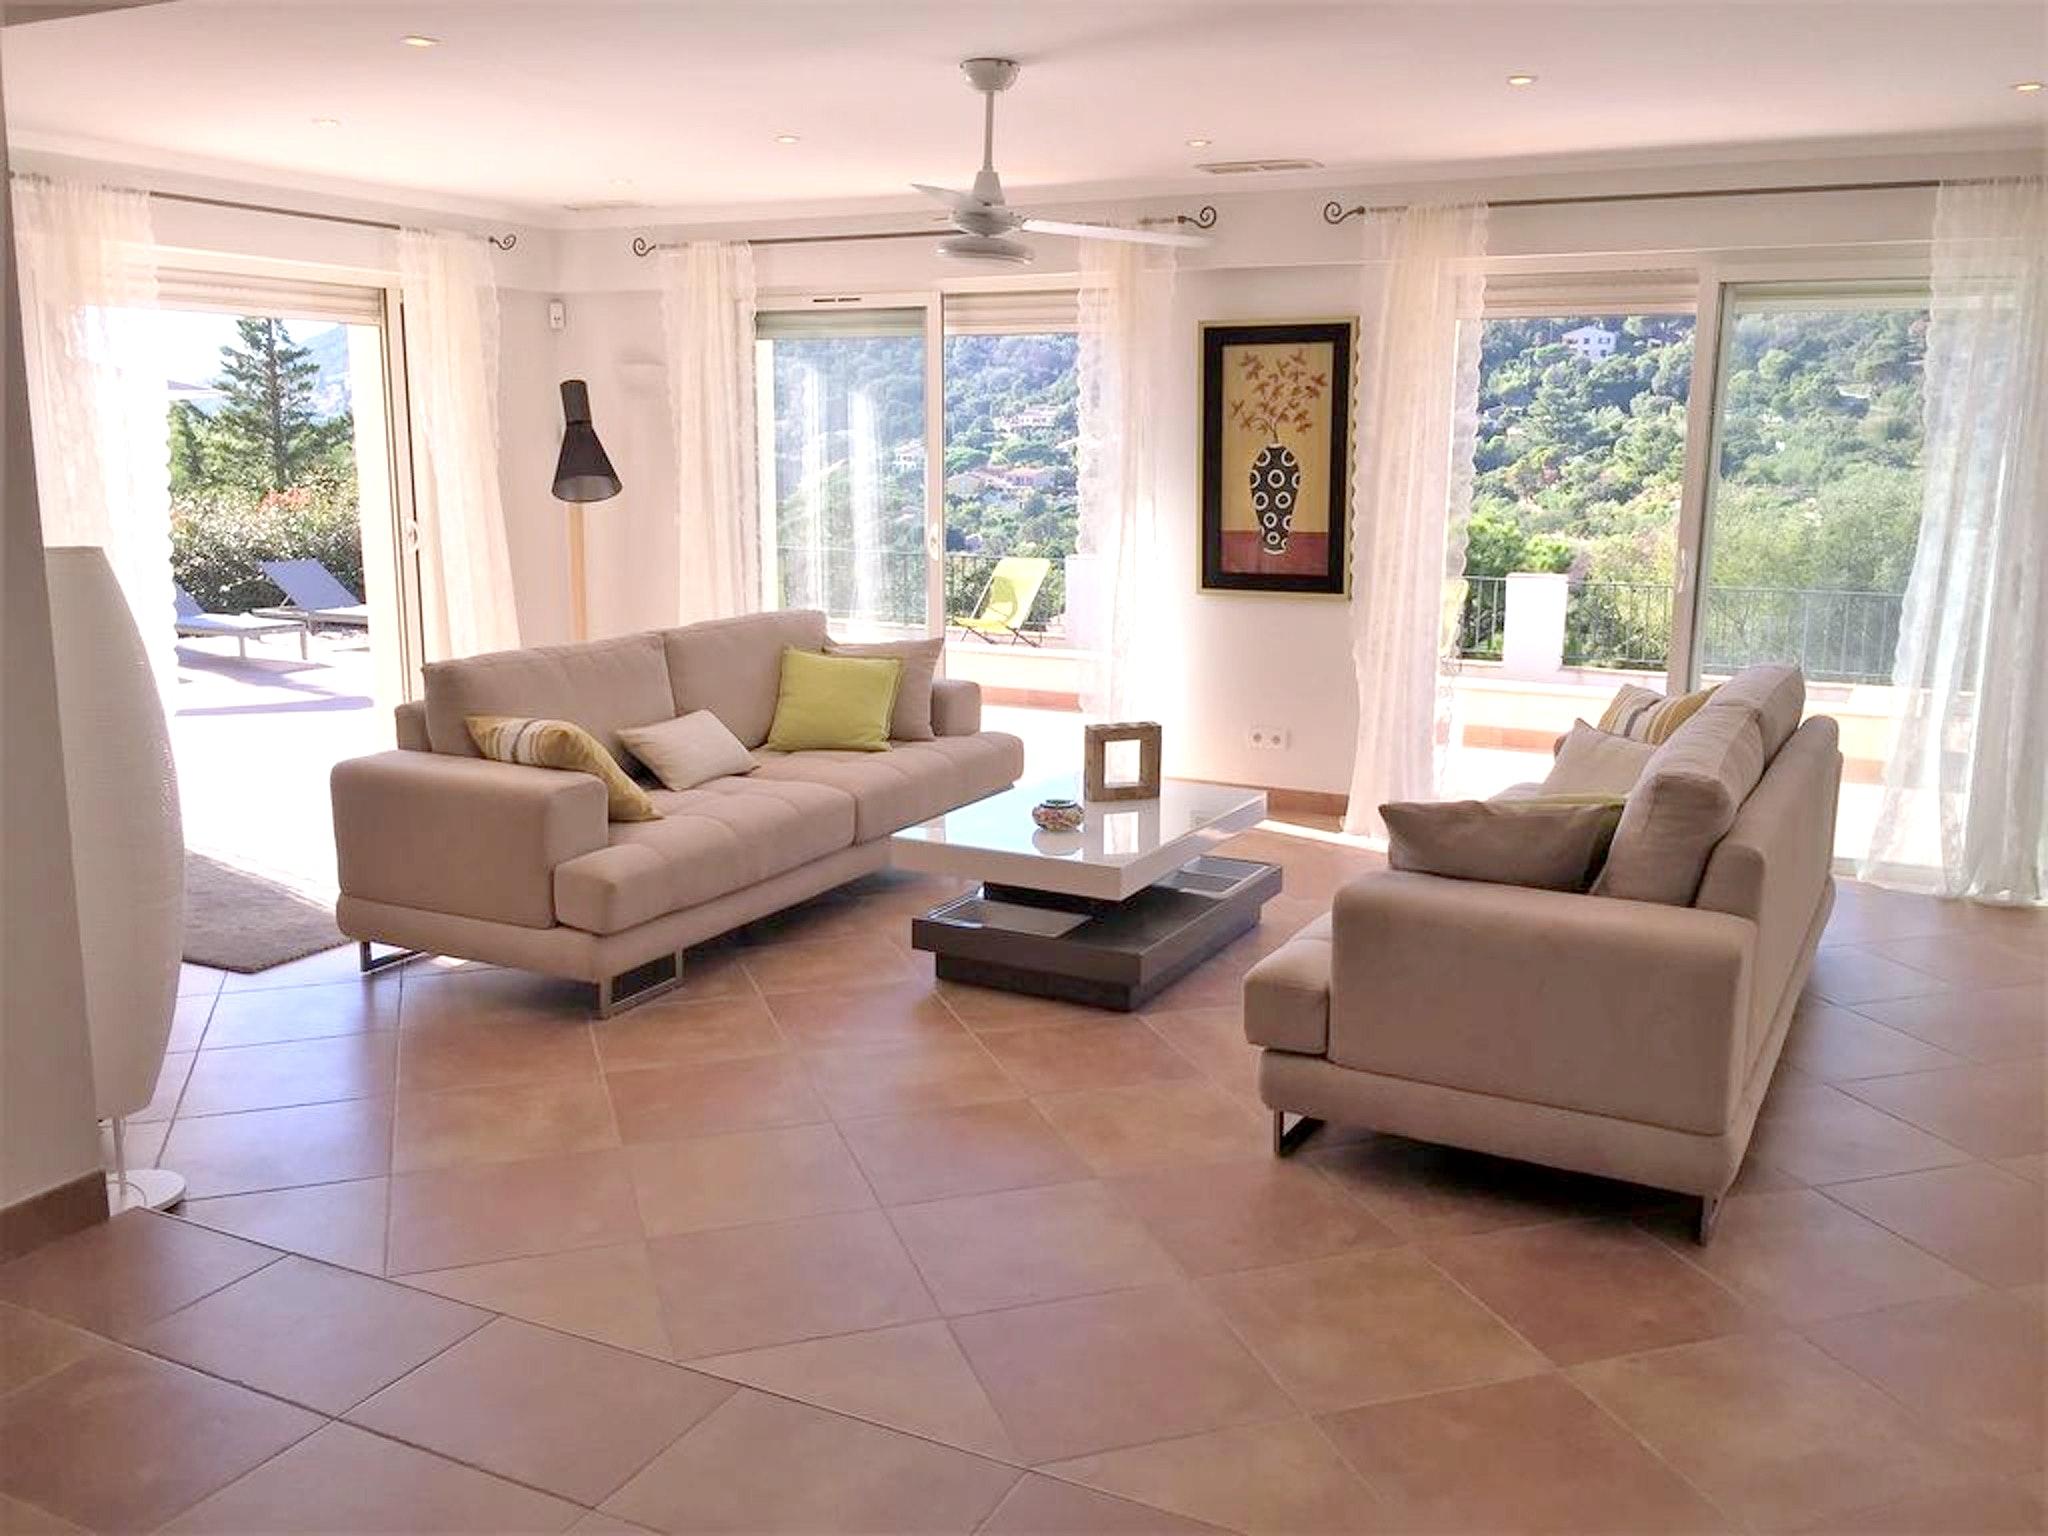 Maison de vacances Villa mit 5 Schlafzimmern in Rayol-Canadel-sur-Mer mit toller Aussicht auf die Berge, priv (2201555), Le Lavandou, Côte d'Azur, Provence - Alpes - Côte d'Azur, France, image 8